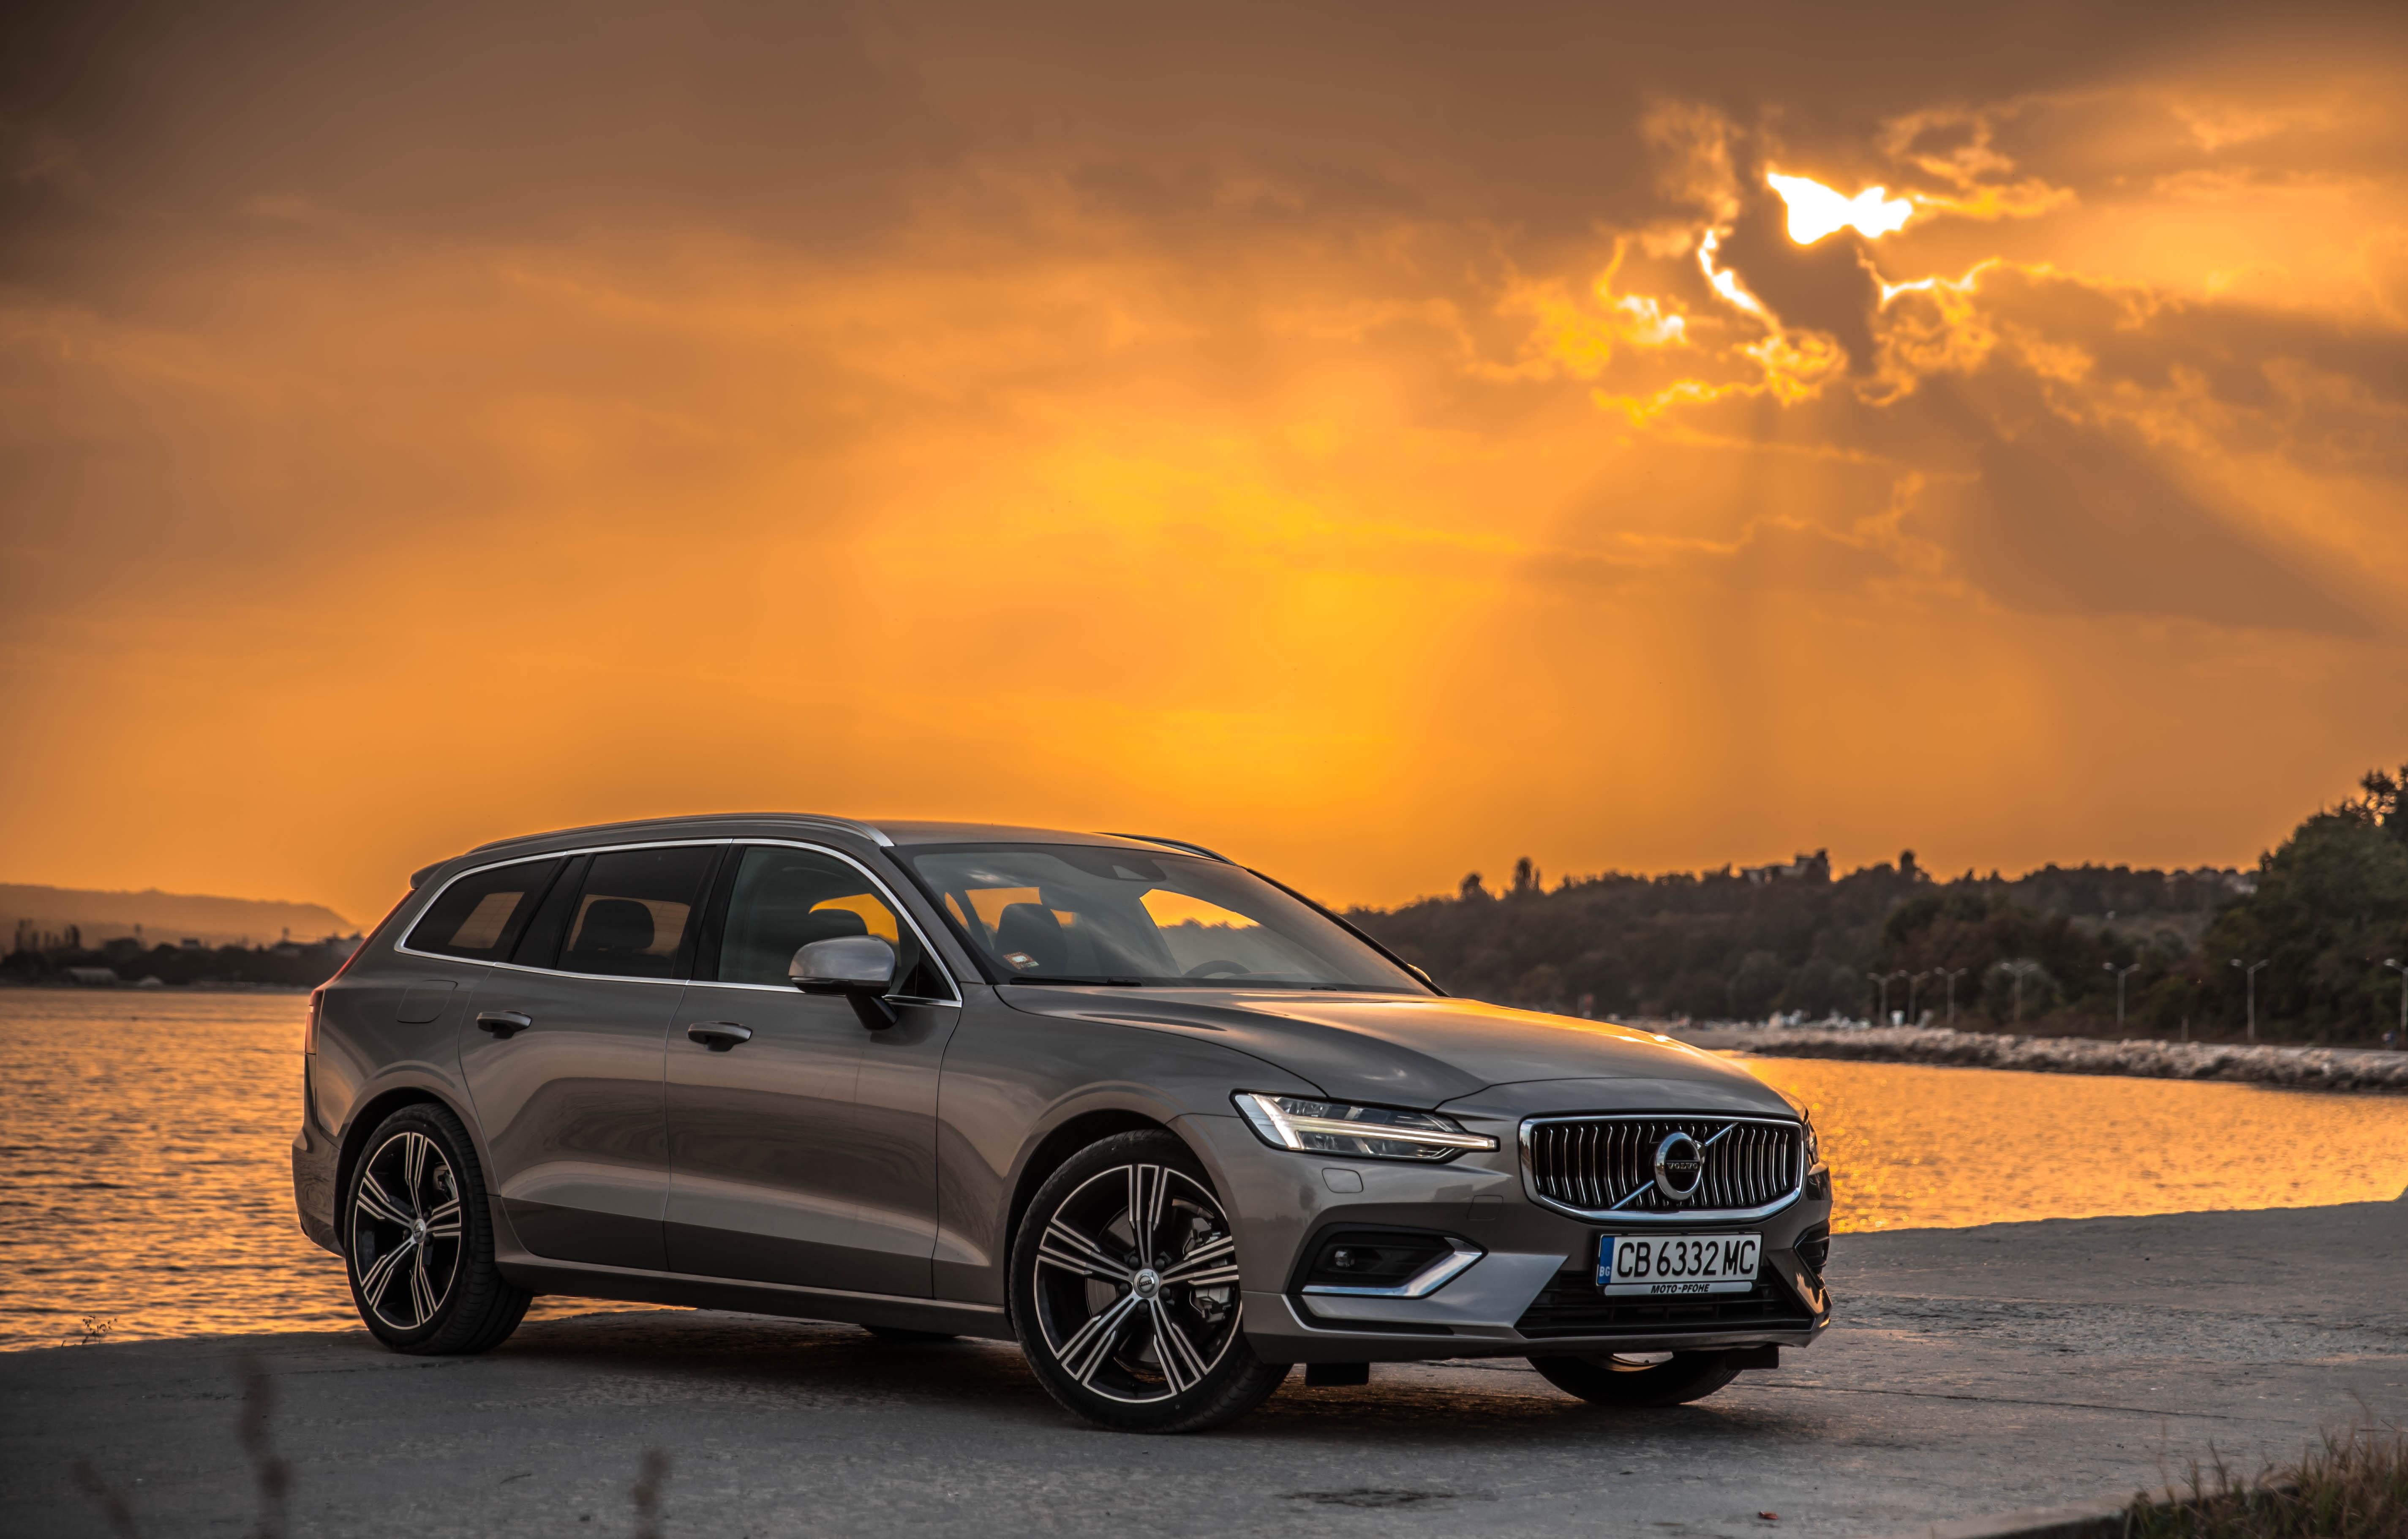 Тествахме Новото Volvo V60 - Практичният Красавец!